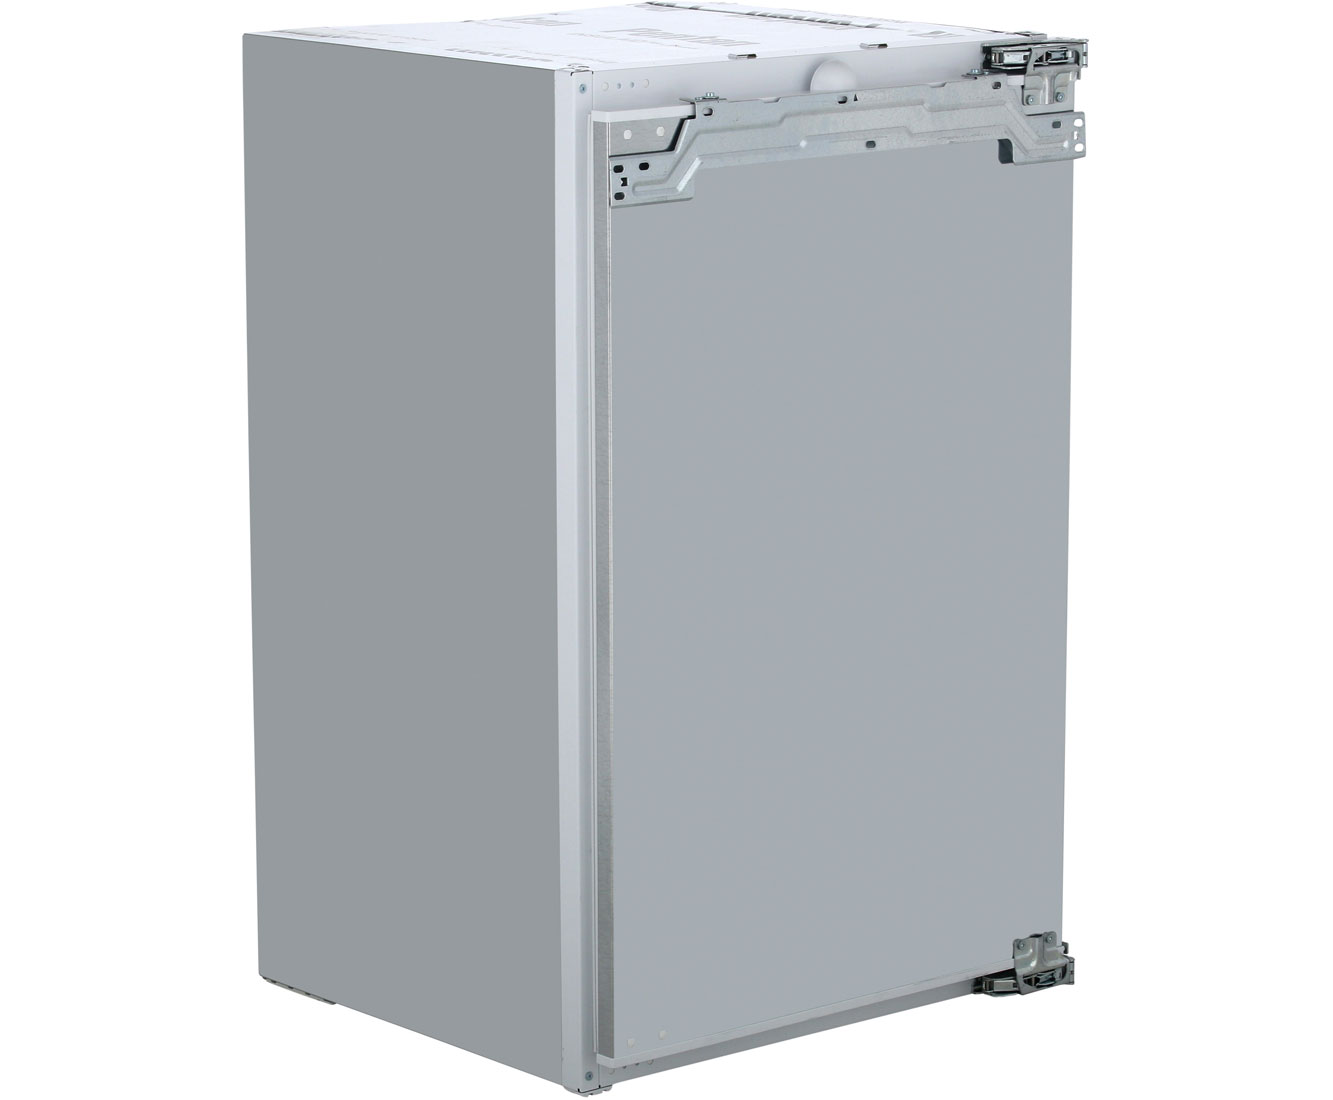 Siemens Kühlschrank 122 Cm : Siemens iq ki rv einbau kühlschrank er nische festtür